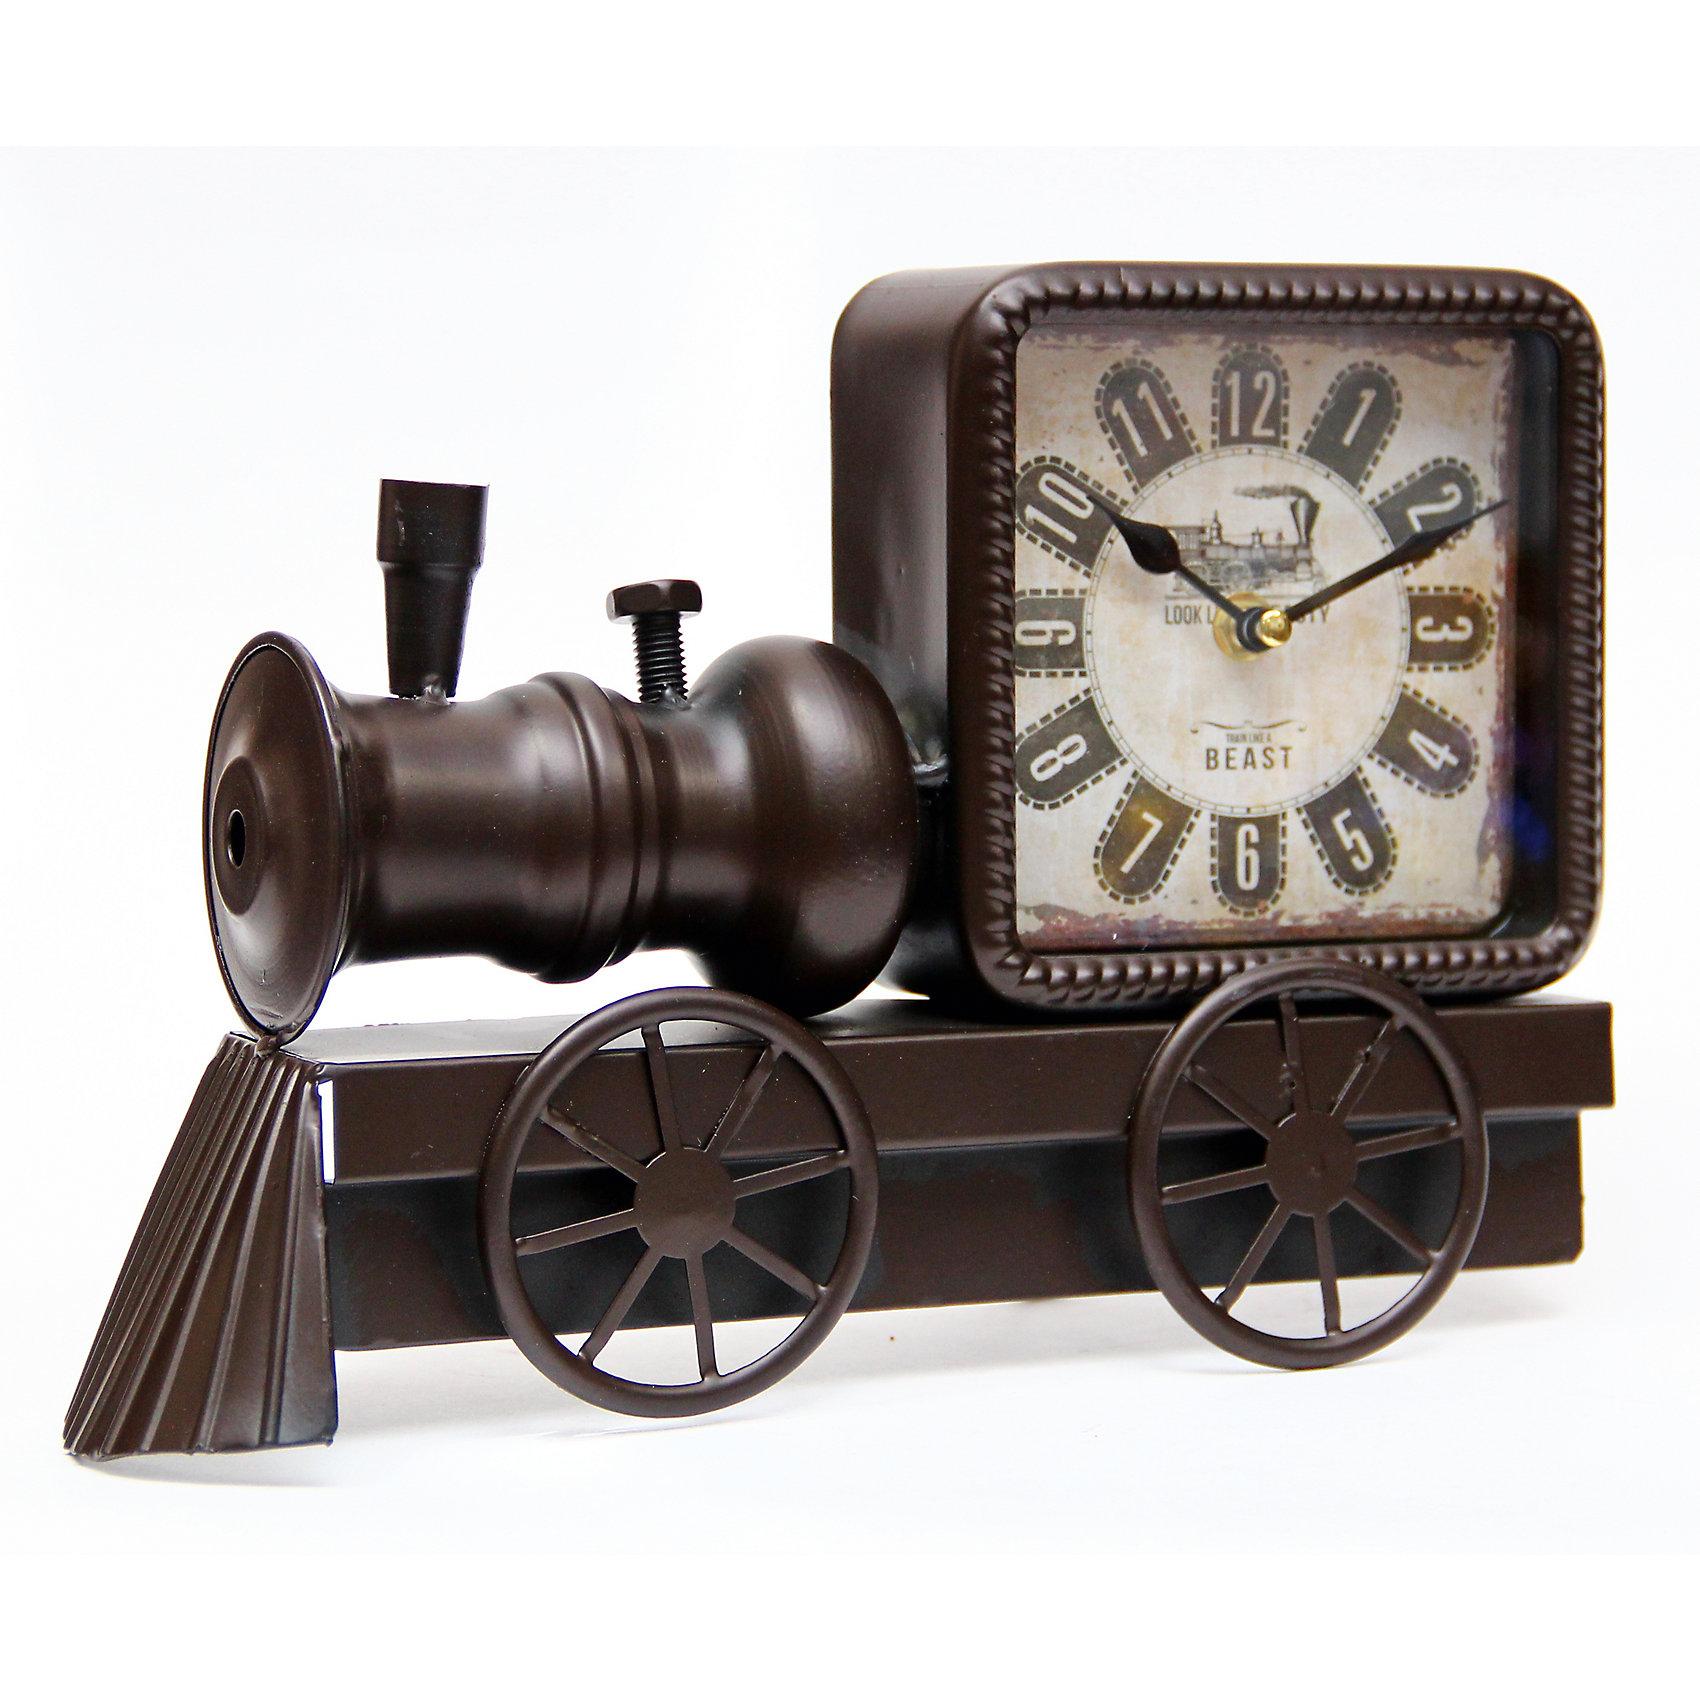 Часы Паровоз настольные кварцевые, Феникс-ПрезентПредметы интерьера<br>Часы Паровоз настольные кварцевые, Феникс-Презент<br><br>Характеристики:<br><br>• оригинальный дизайн в виде паровоза<br>• тип часов: кварцевые<br>• размер: 30х7х21 см<br>• материал: металл<br>• материал циферблата: металл с покрытием из принтованной бумаги<br>• батарейки: АА - 1 шт. (не входит в комплект)<br><br>Часы Паровоз станут украшением вашего интерьера. Часы изготовлены в форме паровоза. Изделие выполнено из металла. Циферблат покрыт принтованной бумагой. Часы оснащены минутной и секундной стрелками. <br><br>Часы Паровоз настольные кварцевые, Феникс-Презент вы можете купить в нашем интернет-магазине.<br><br>Ширина мм: 310<br>Глубина мм: 70<br>Высота мм: 210<br>Вес г: 917<br>Возраст от месяцев: 120<br>Возраст до месяцев: 2147483647<br>Пол: Унисекс<br>Возраст: Детский<br>SKU: 5449708